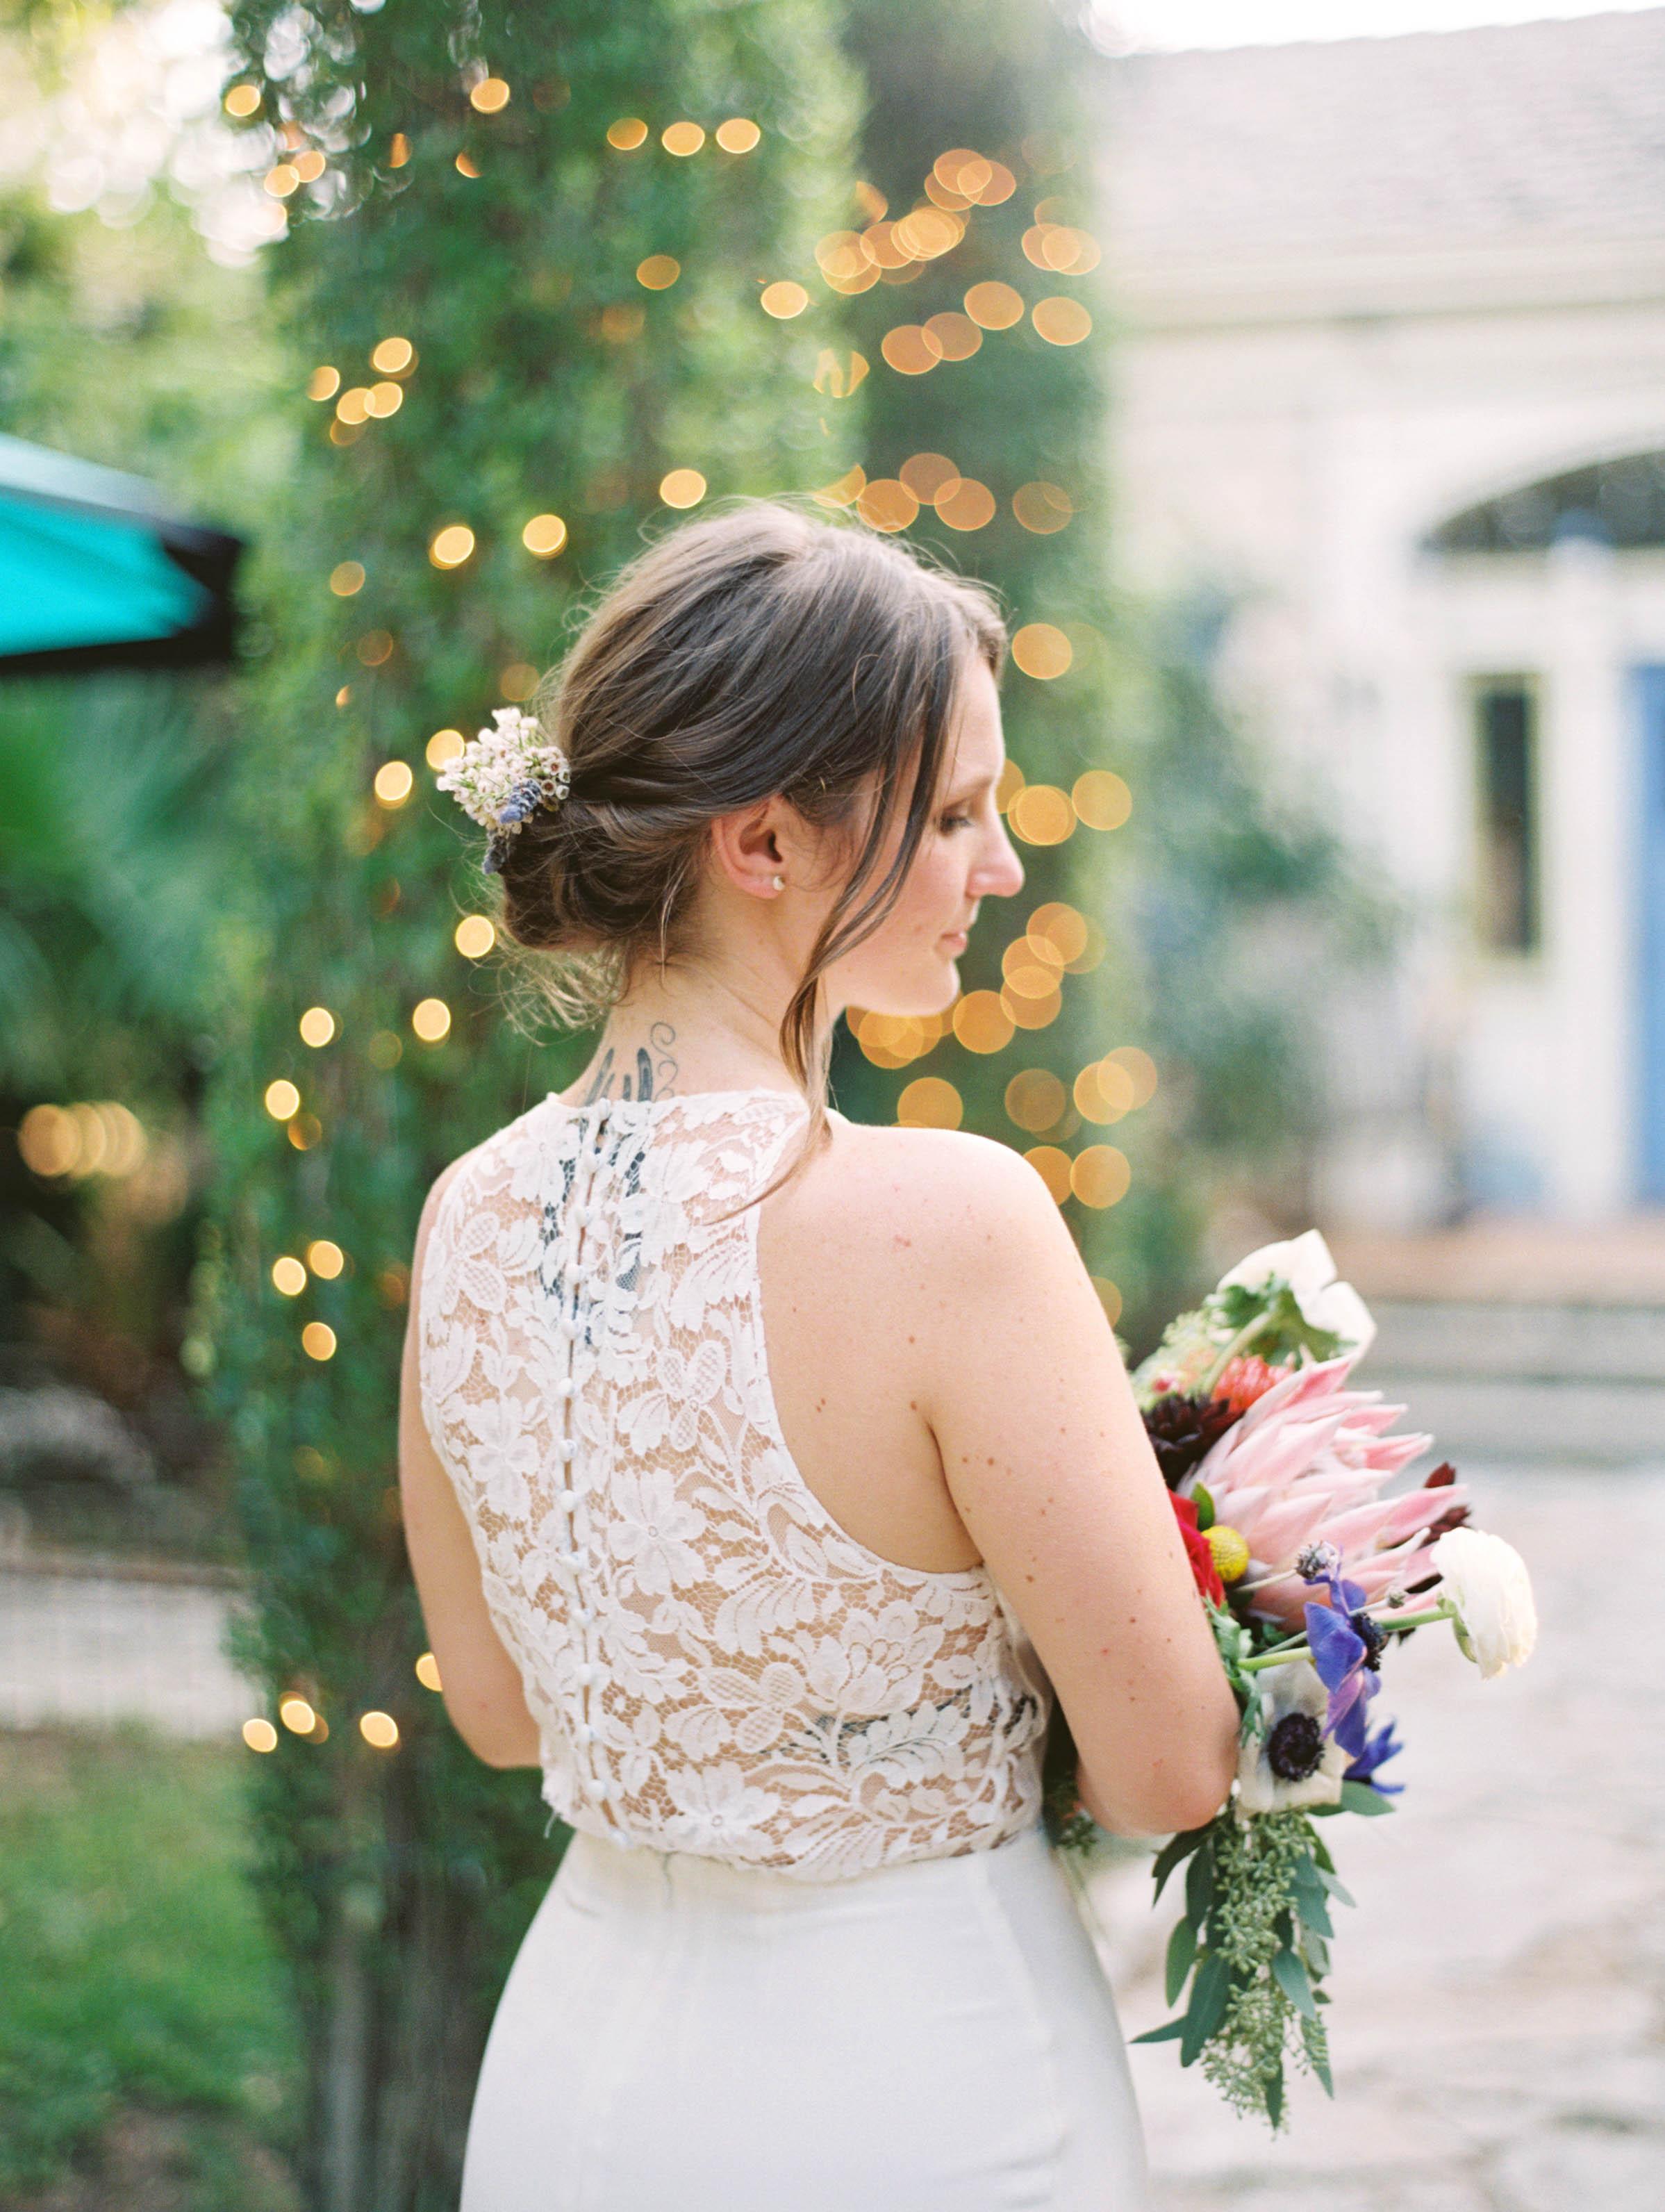 Alex-Kyrany-Wedding-Jennifers-Gardens-217.jpg